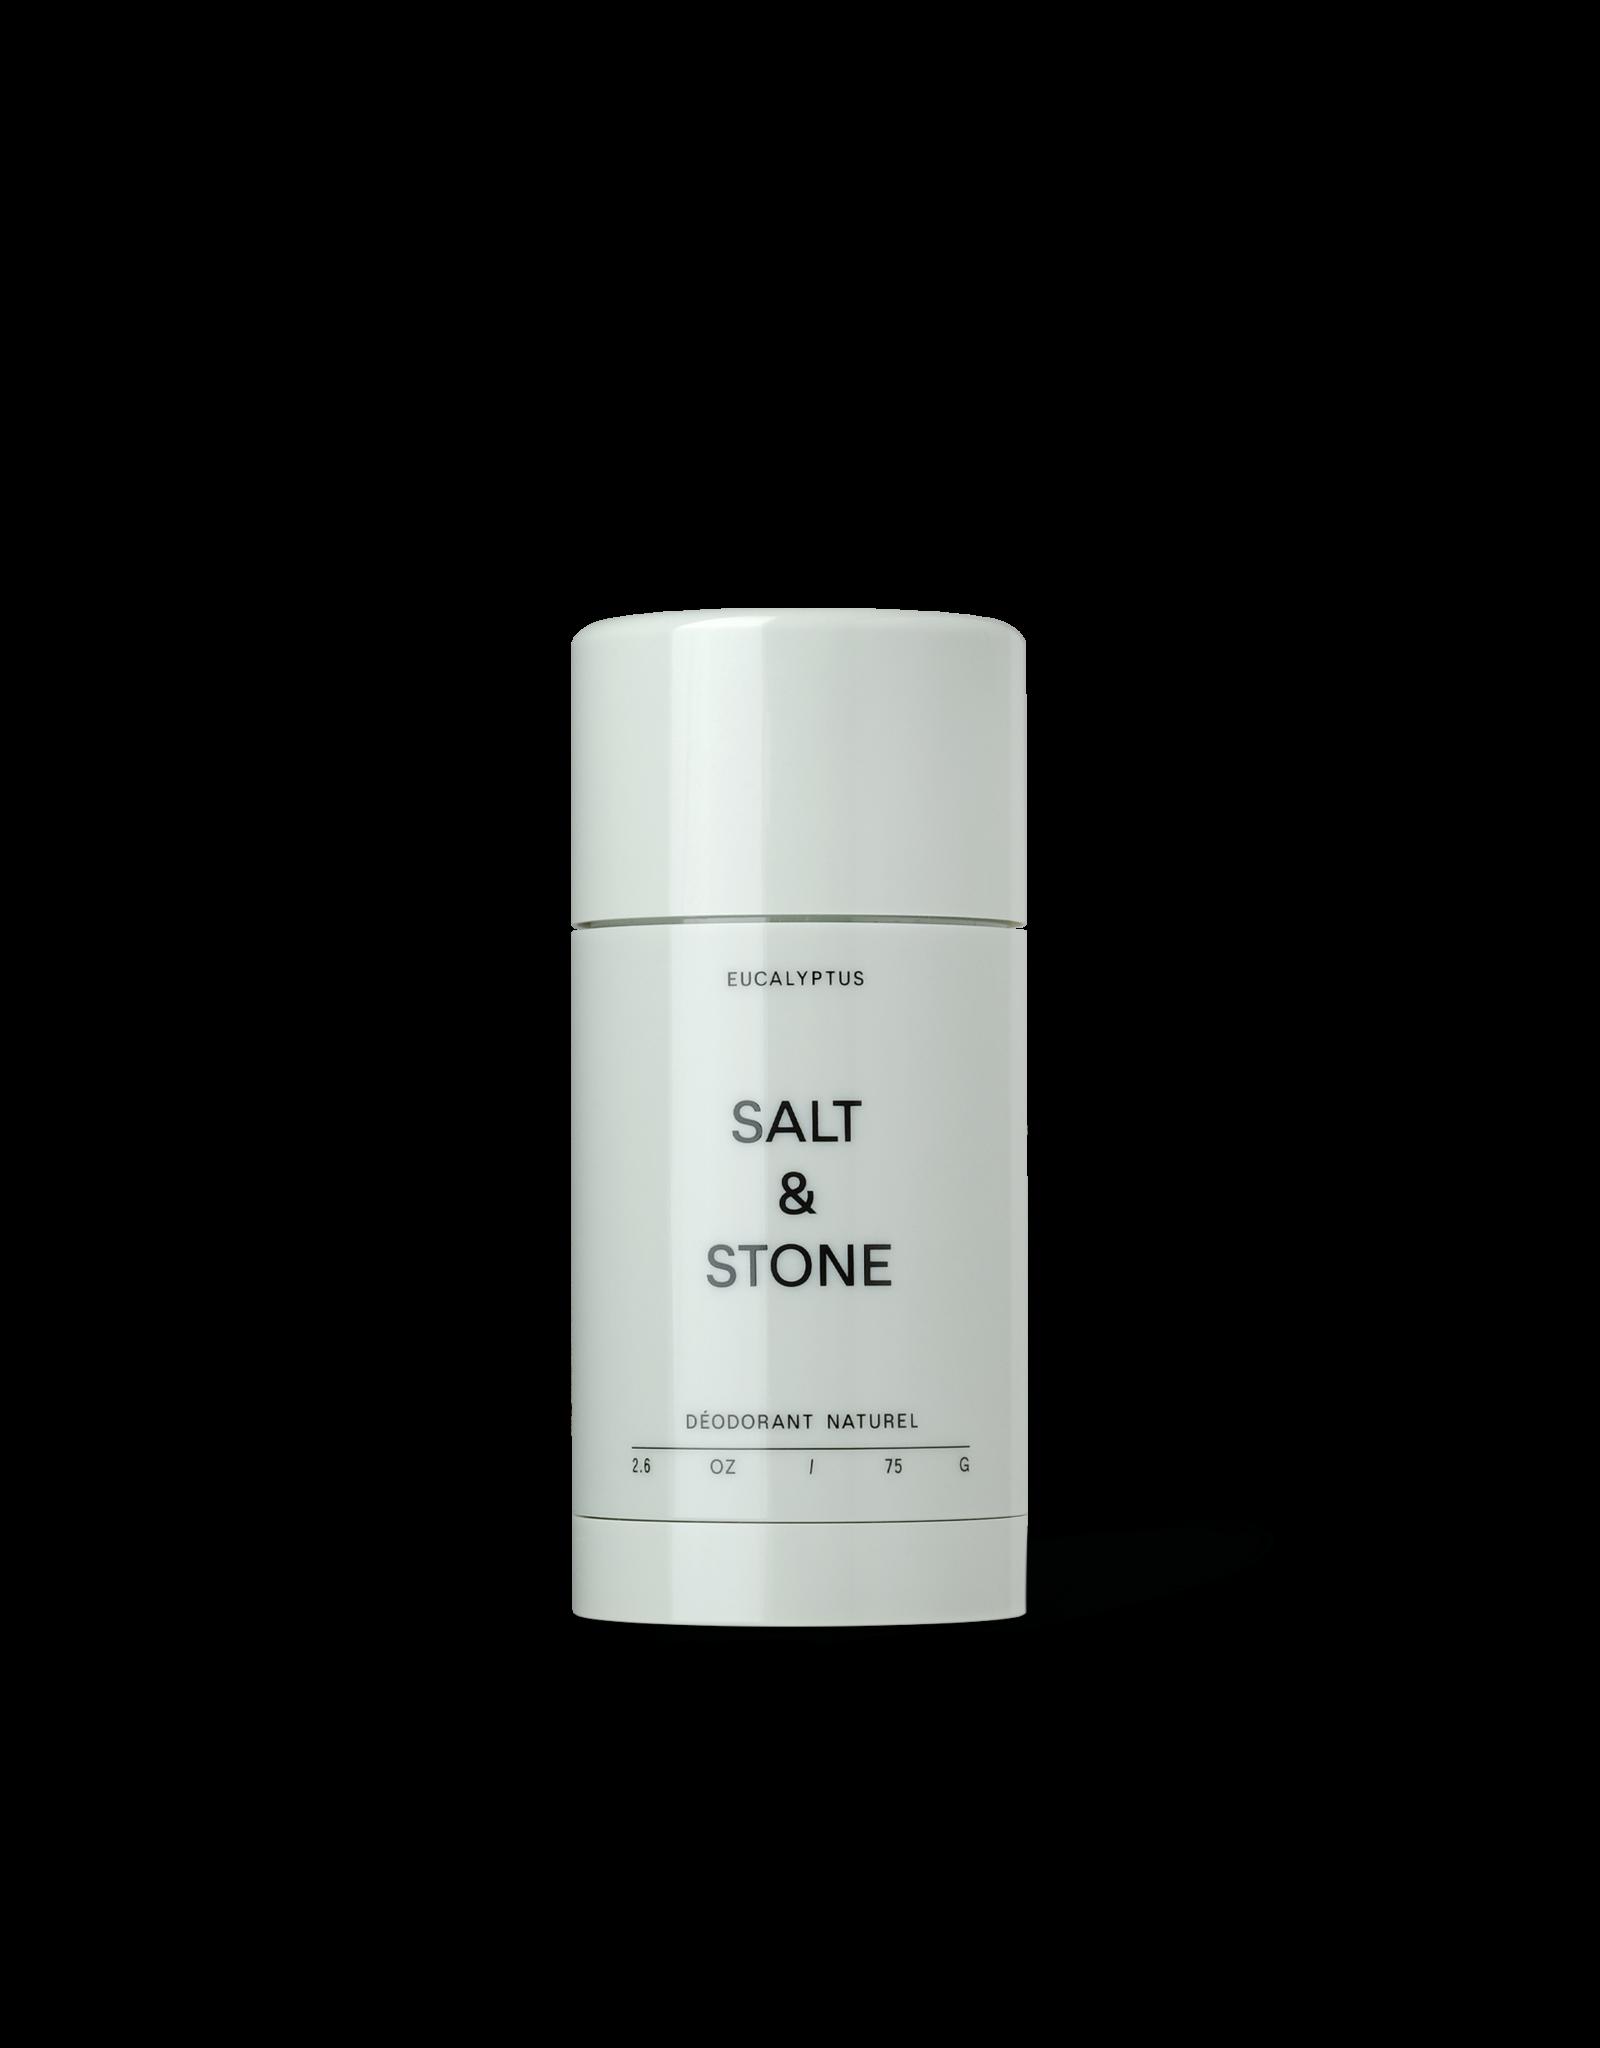 Salt & Stone Eucalyptus Natural Deodorant - Formula No. 2